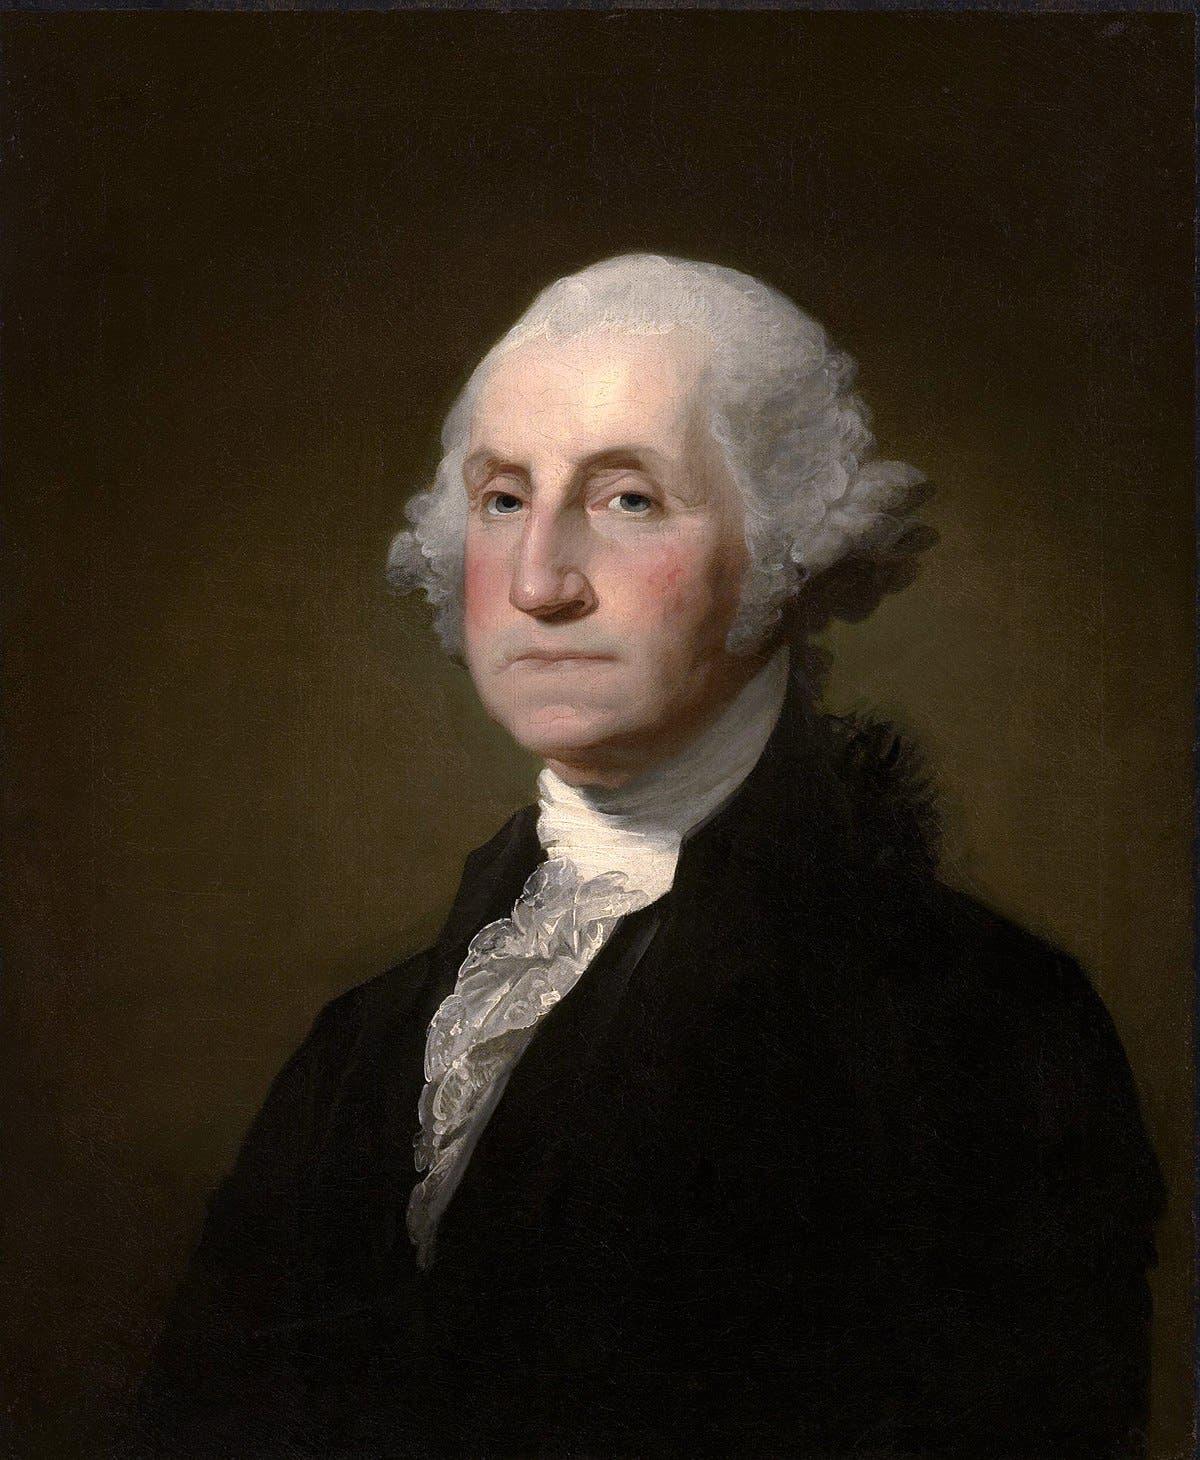 لوحة زيتية تجسد شخصية جورج واشنطن